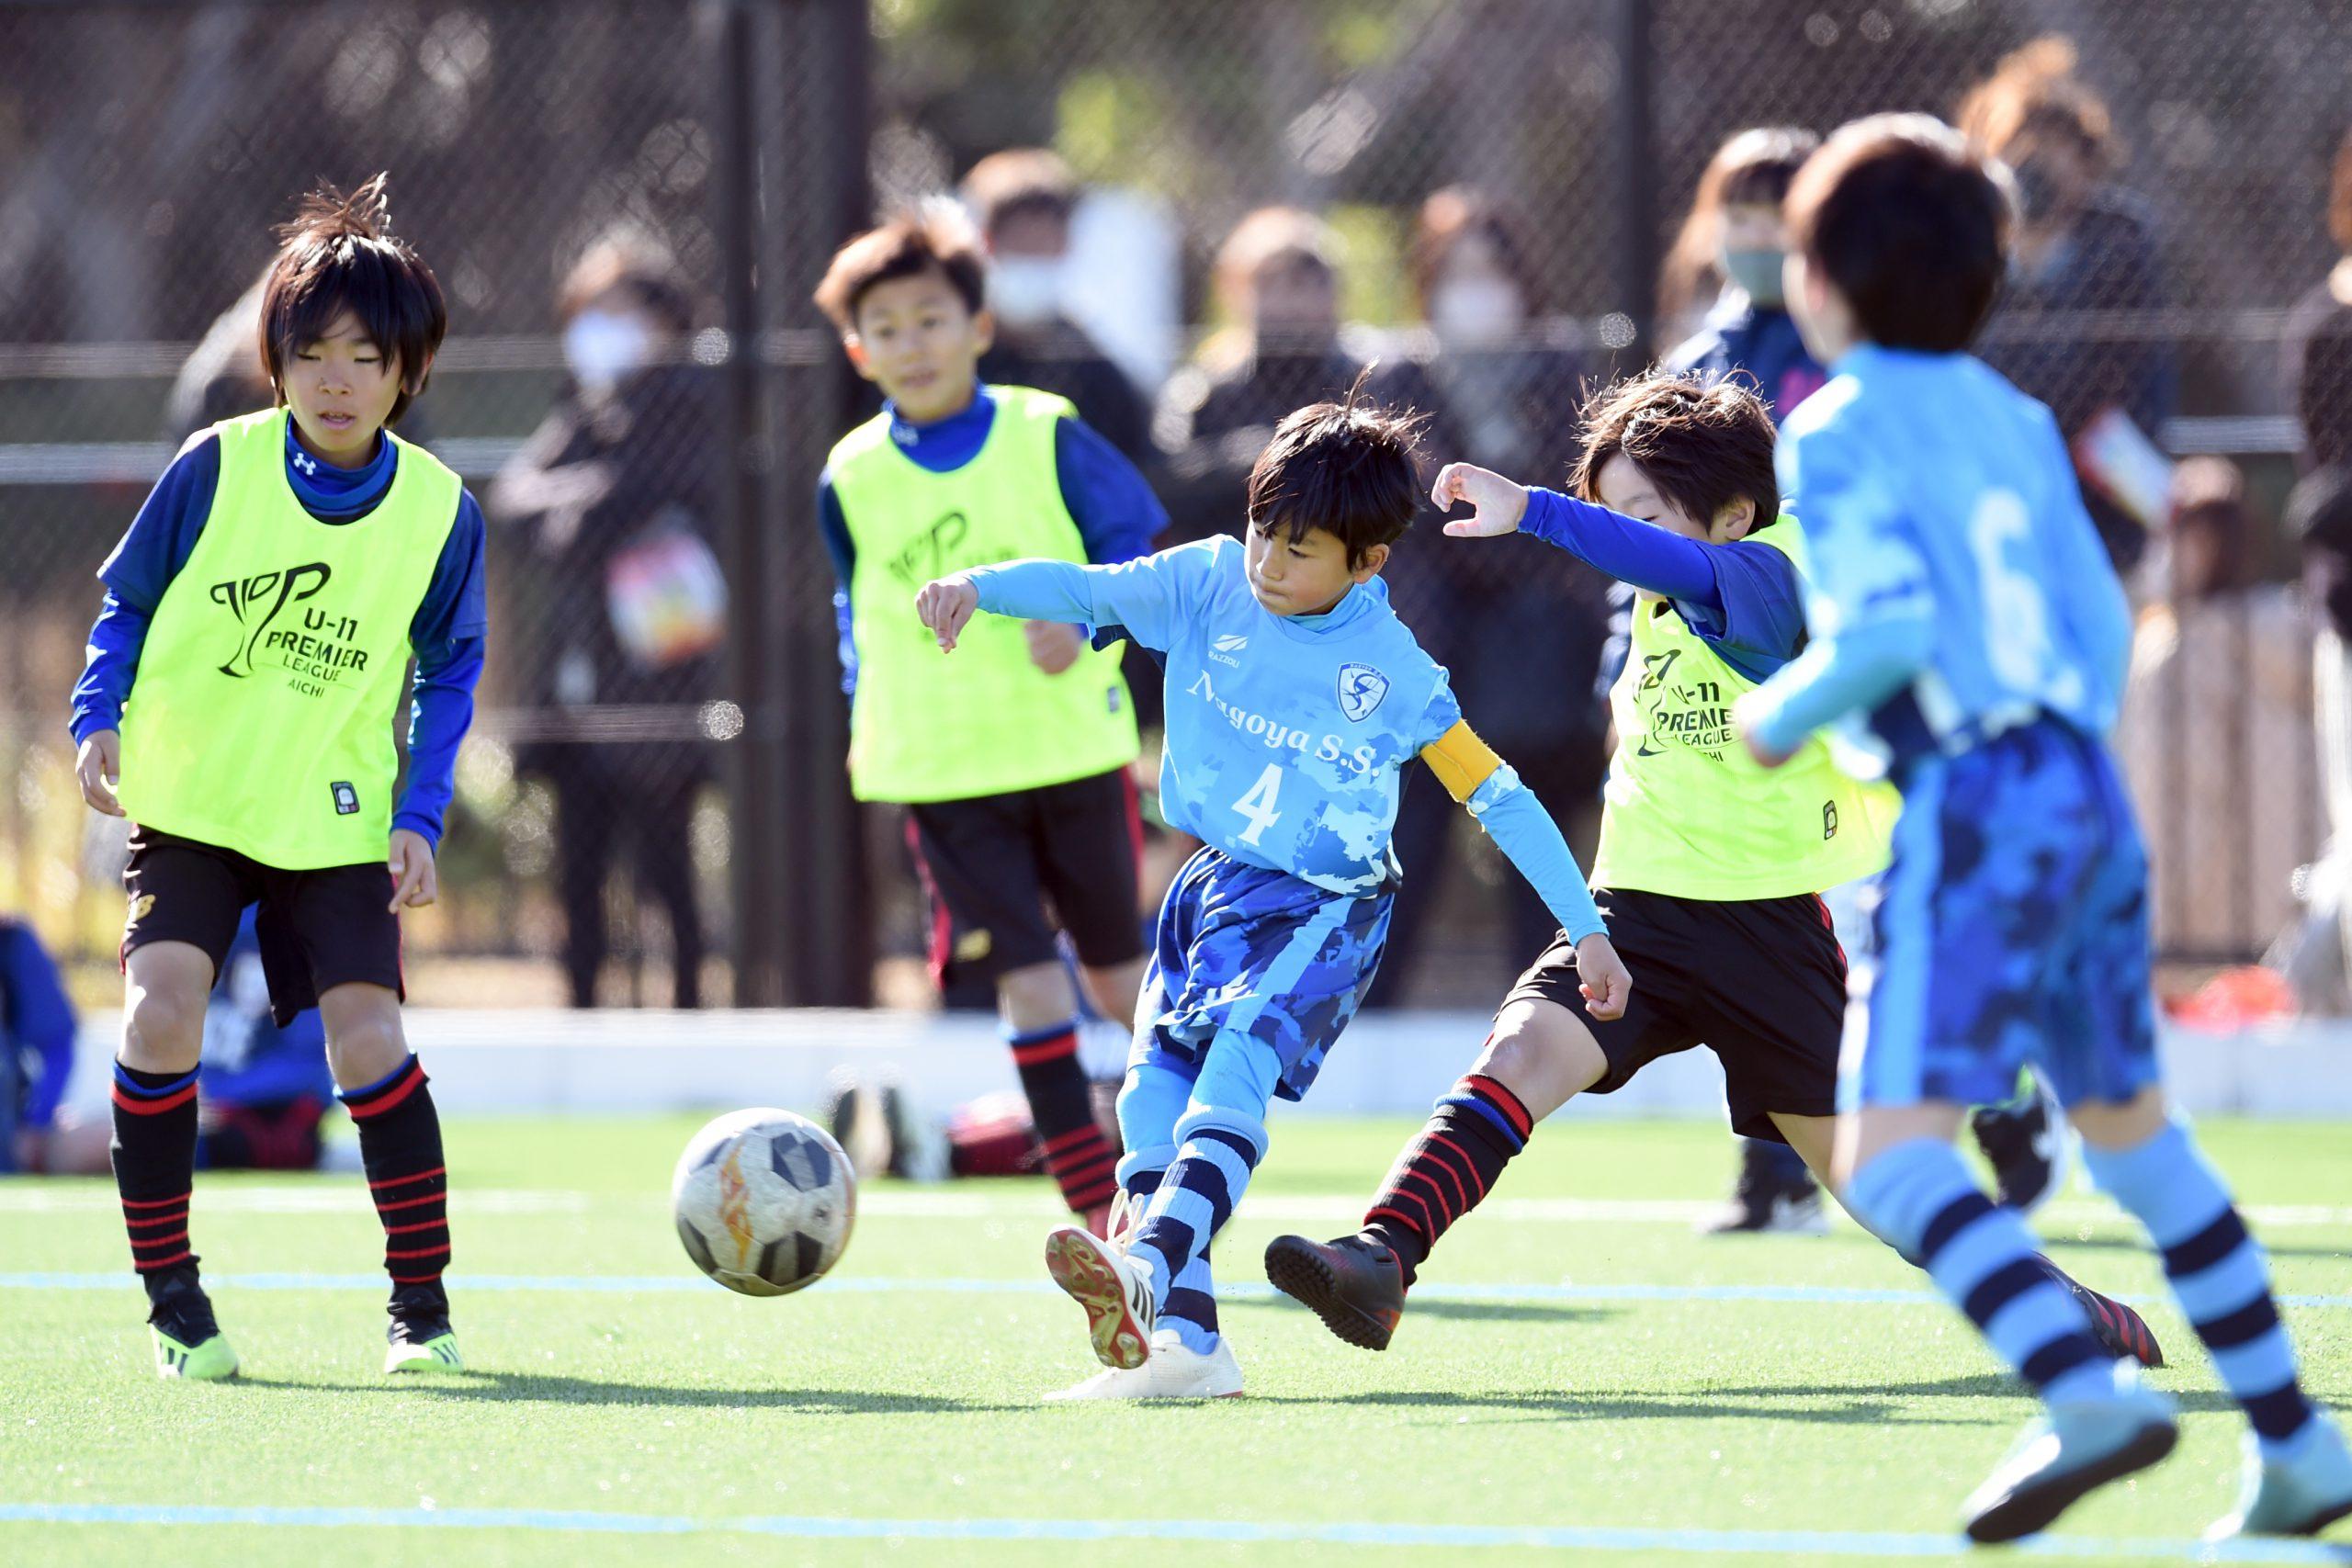 サッカークラブの試合